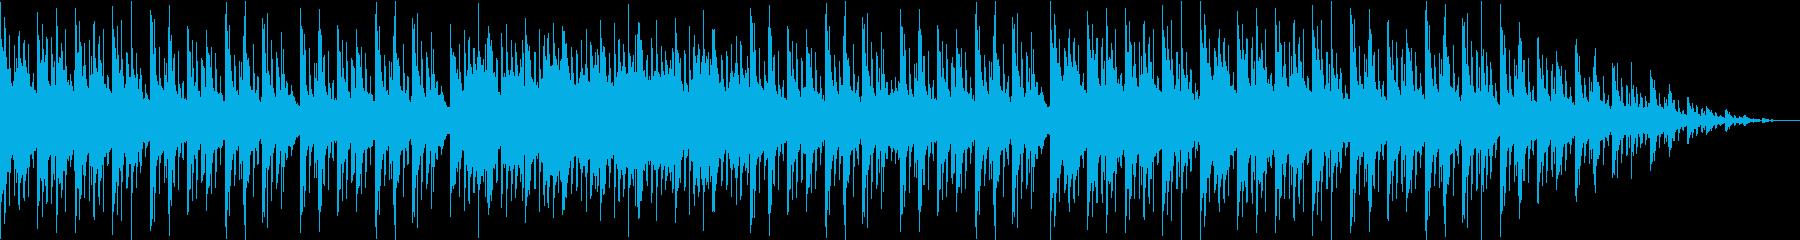 ノスタルジーと哀愁漂うLo-Fi Hipの再生済みの波形